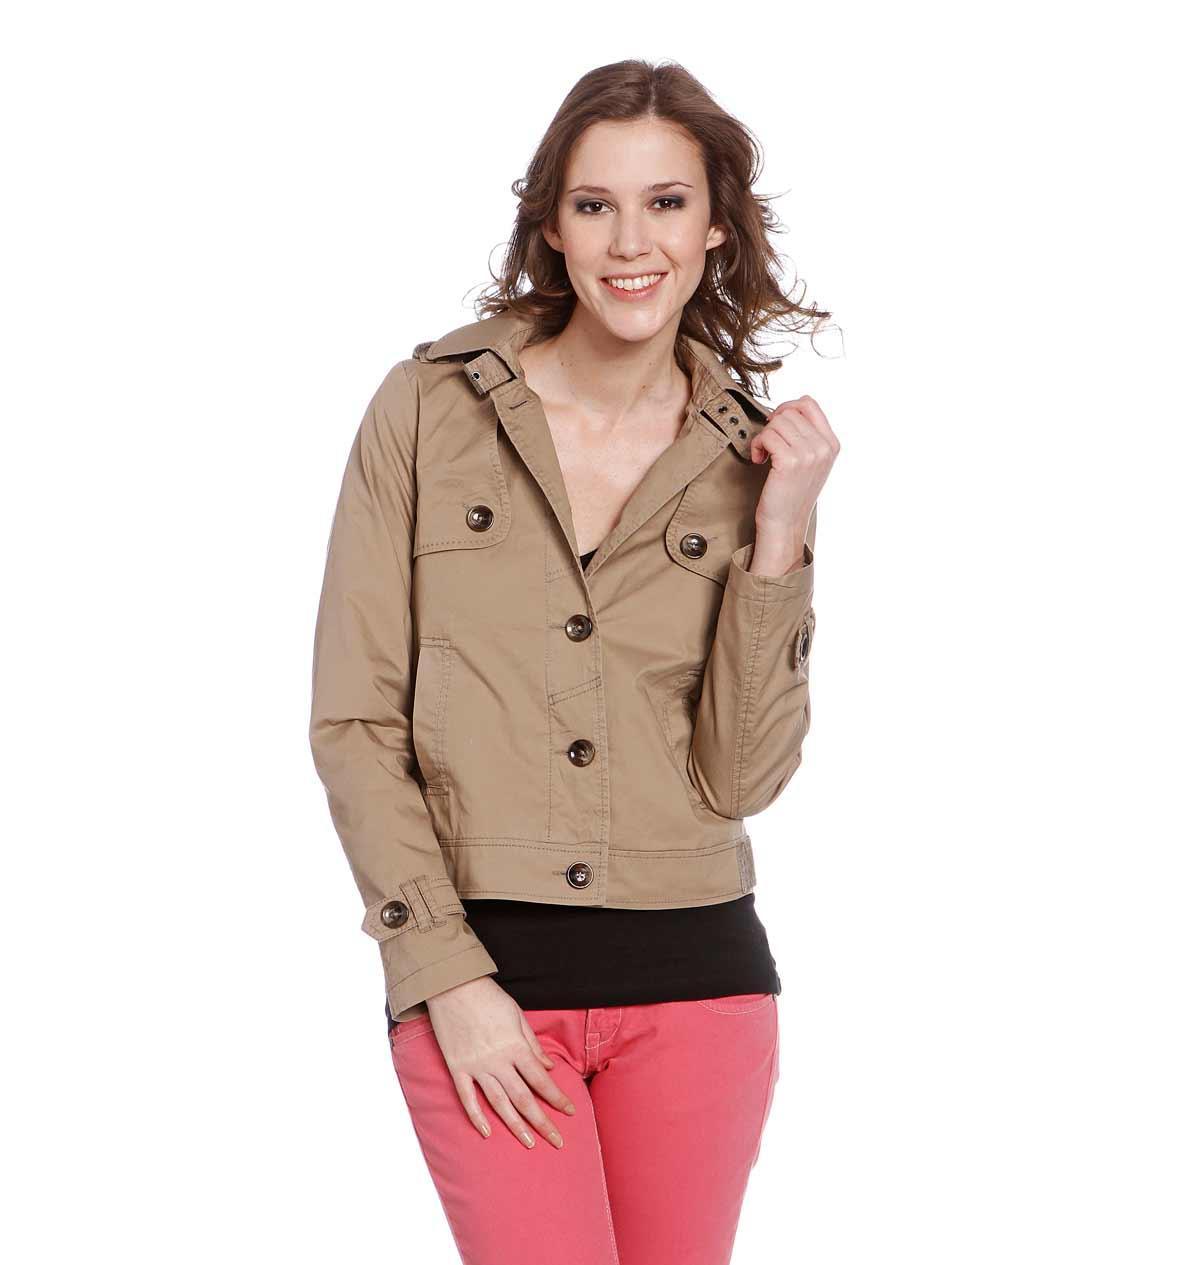 wiosenna kurteczka C&A w kolorze brązowym - moda na wiosnę i lato 2013